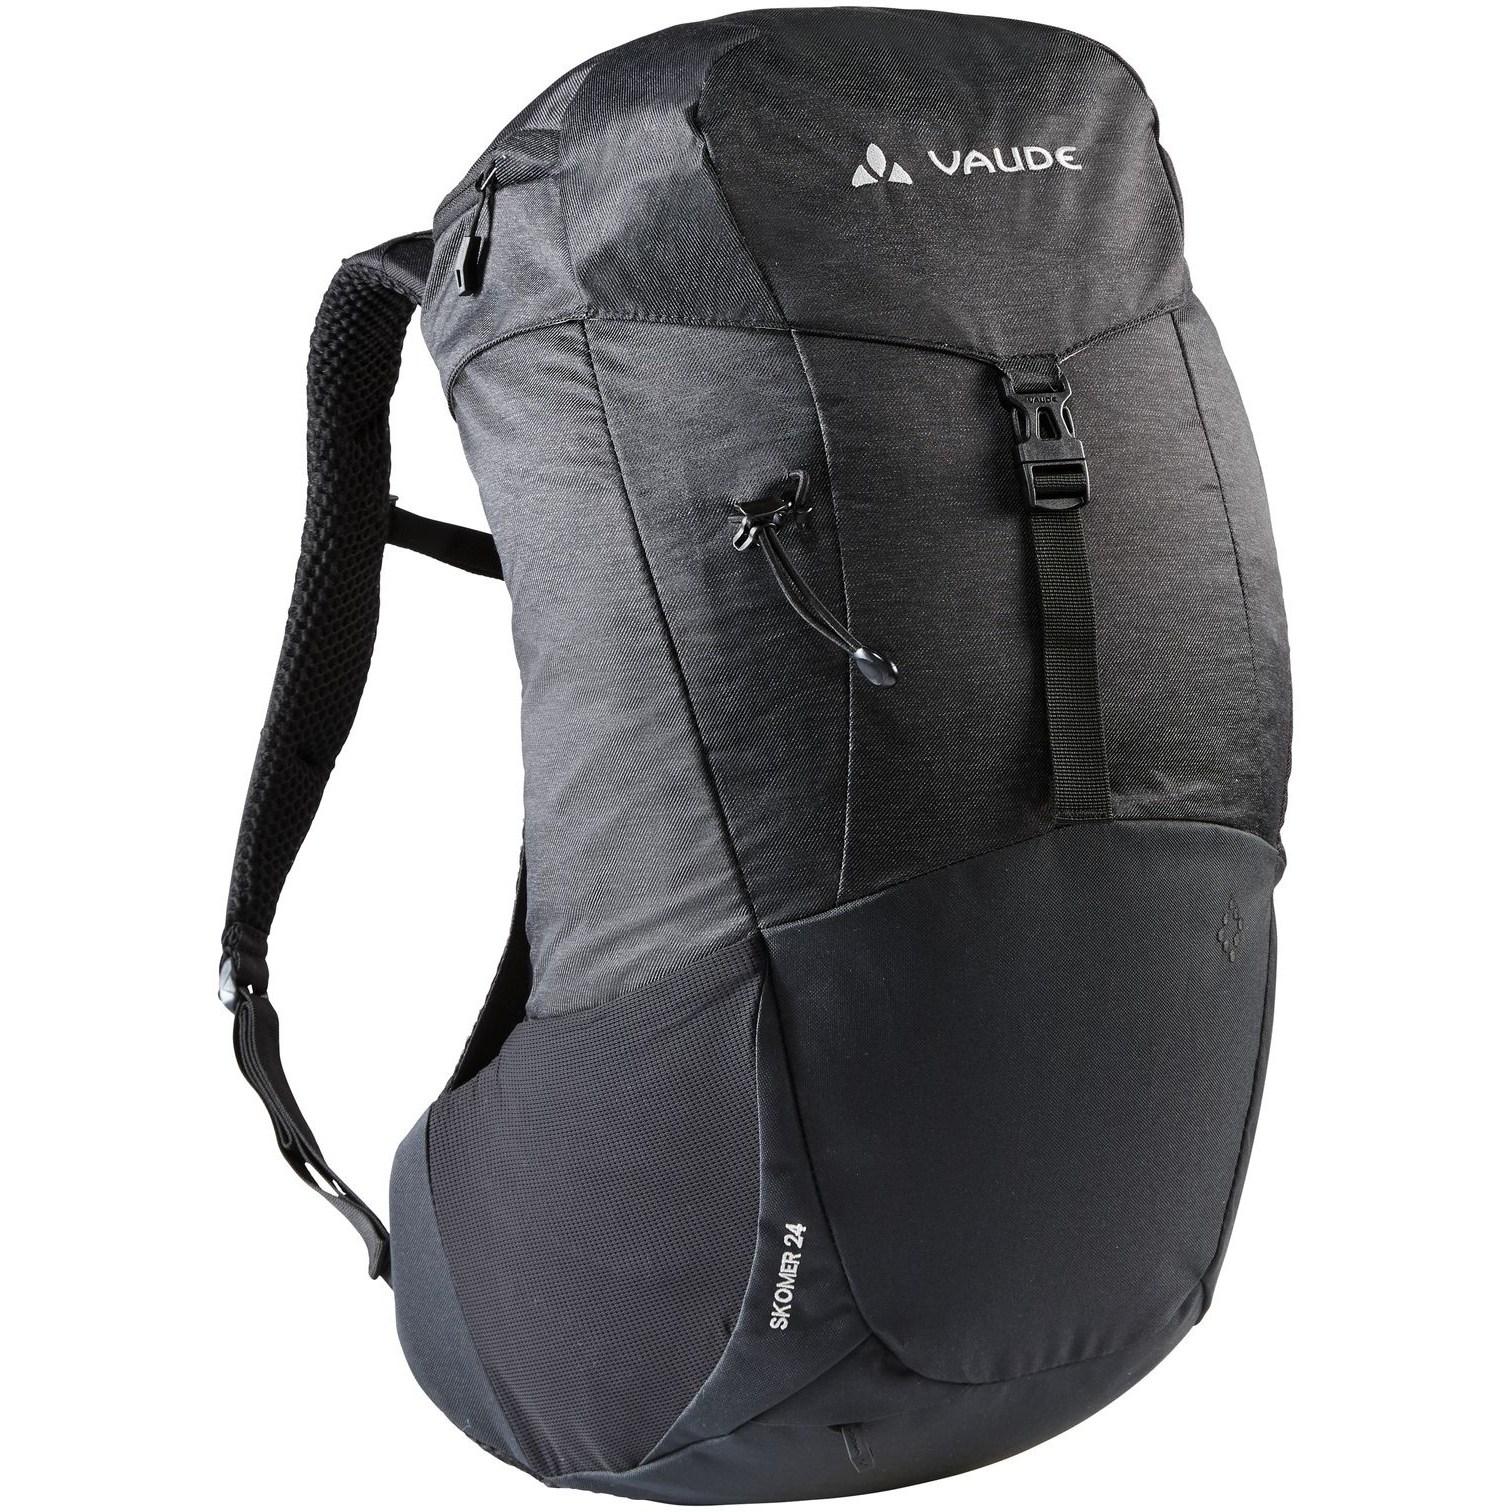 Vaude Women's Skomer 24 Backpack - black